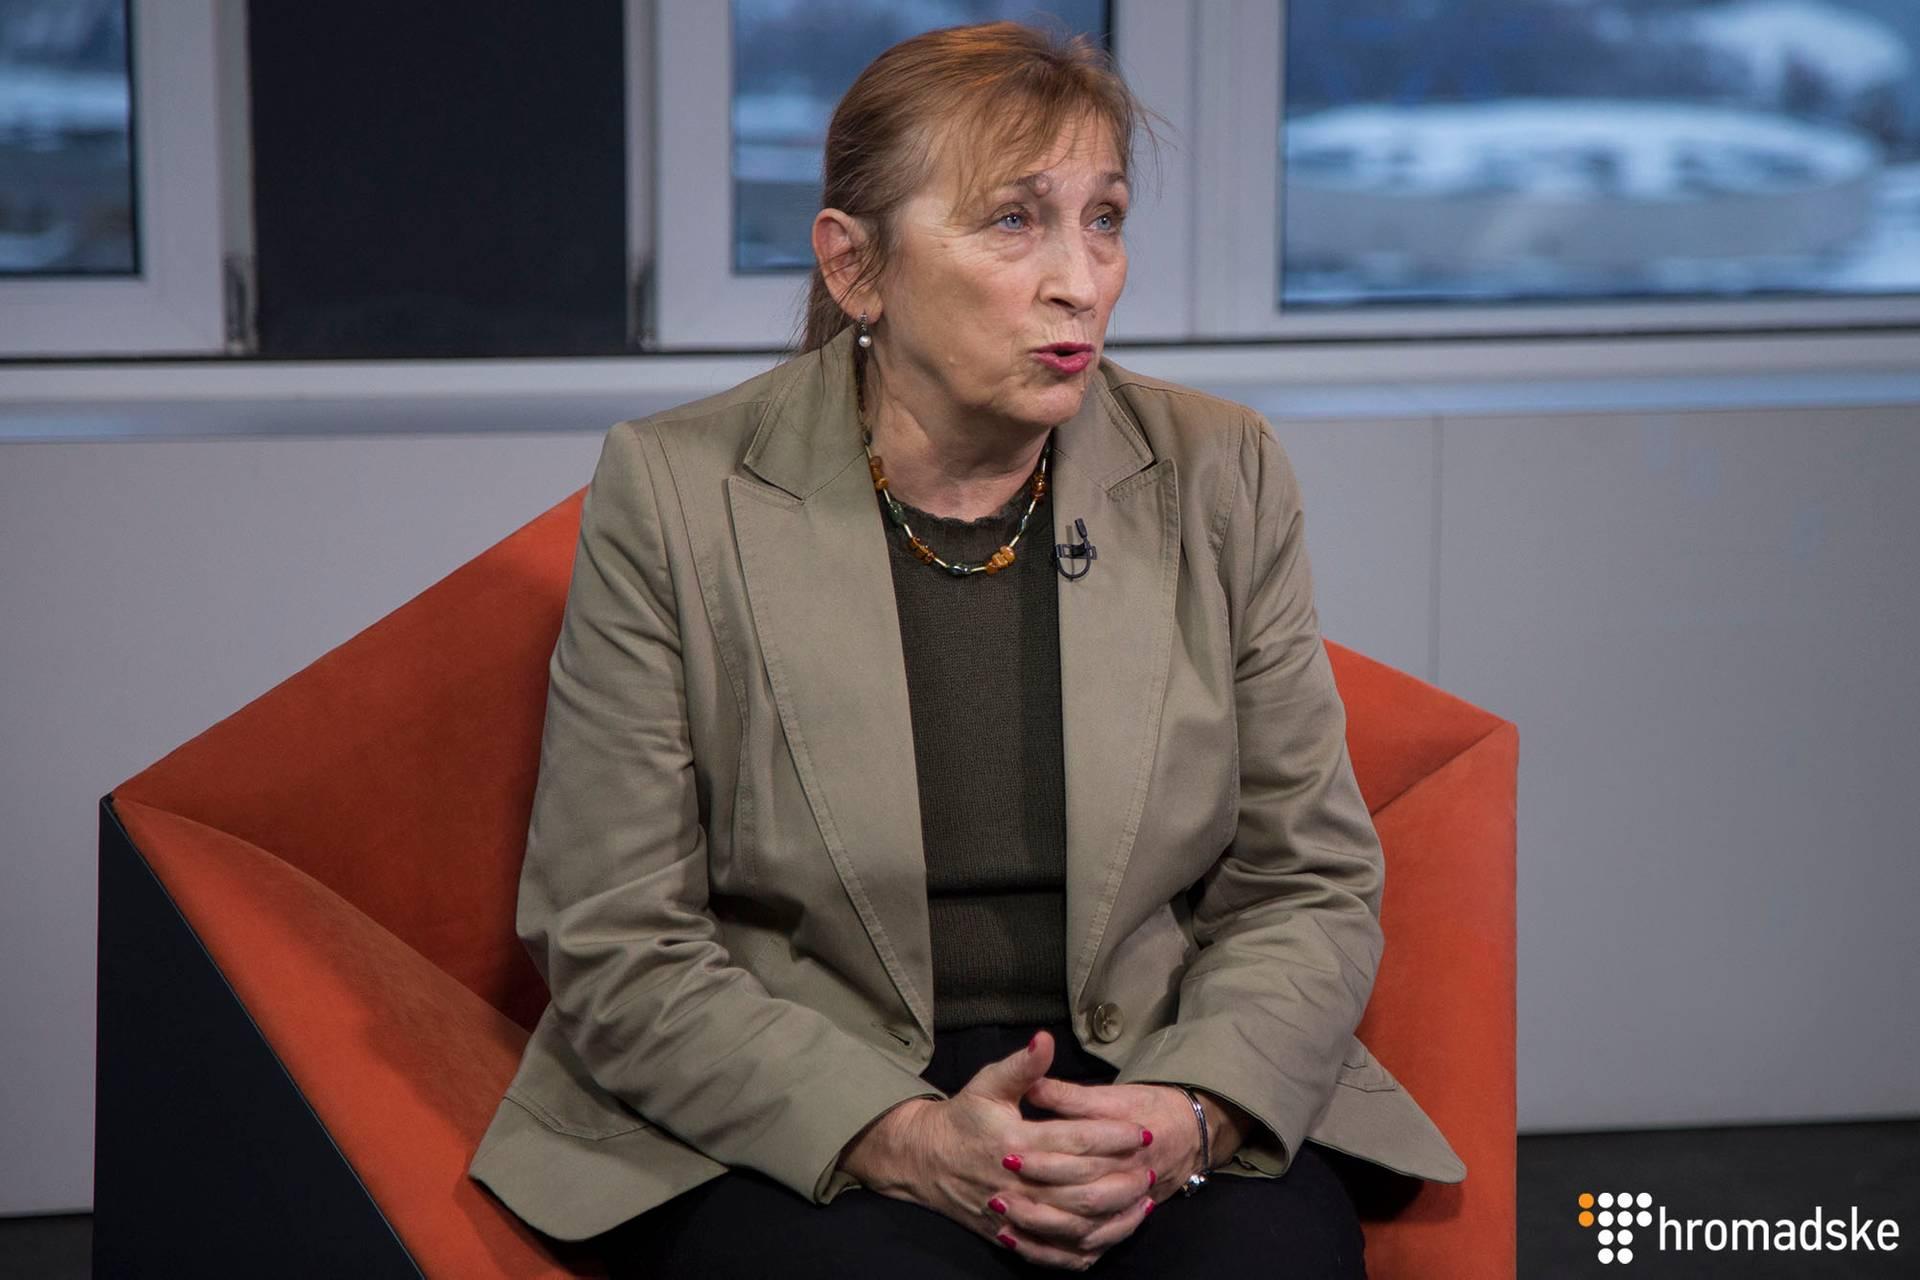 Директорка Фонду «Демократичні ініціативи» Ірина Бекешкіна в студії Громадського, Київ, 17 січня 2019 року